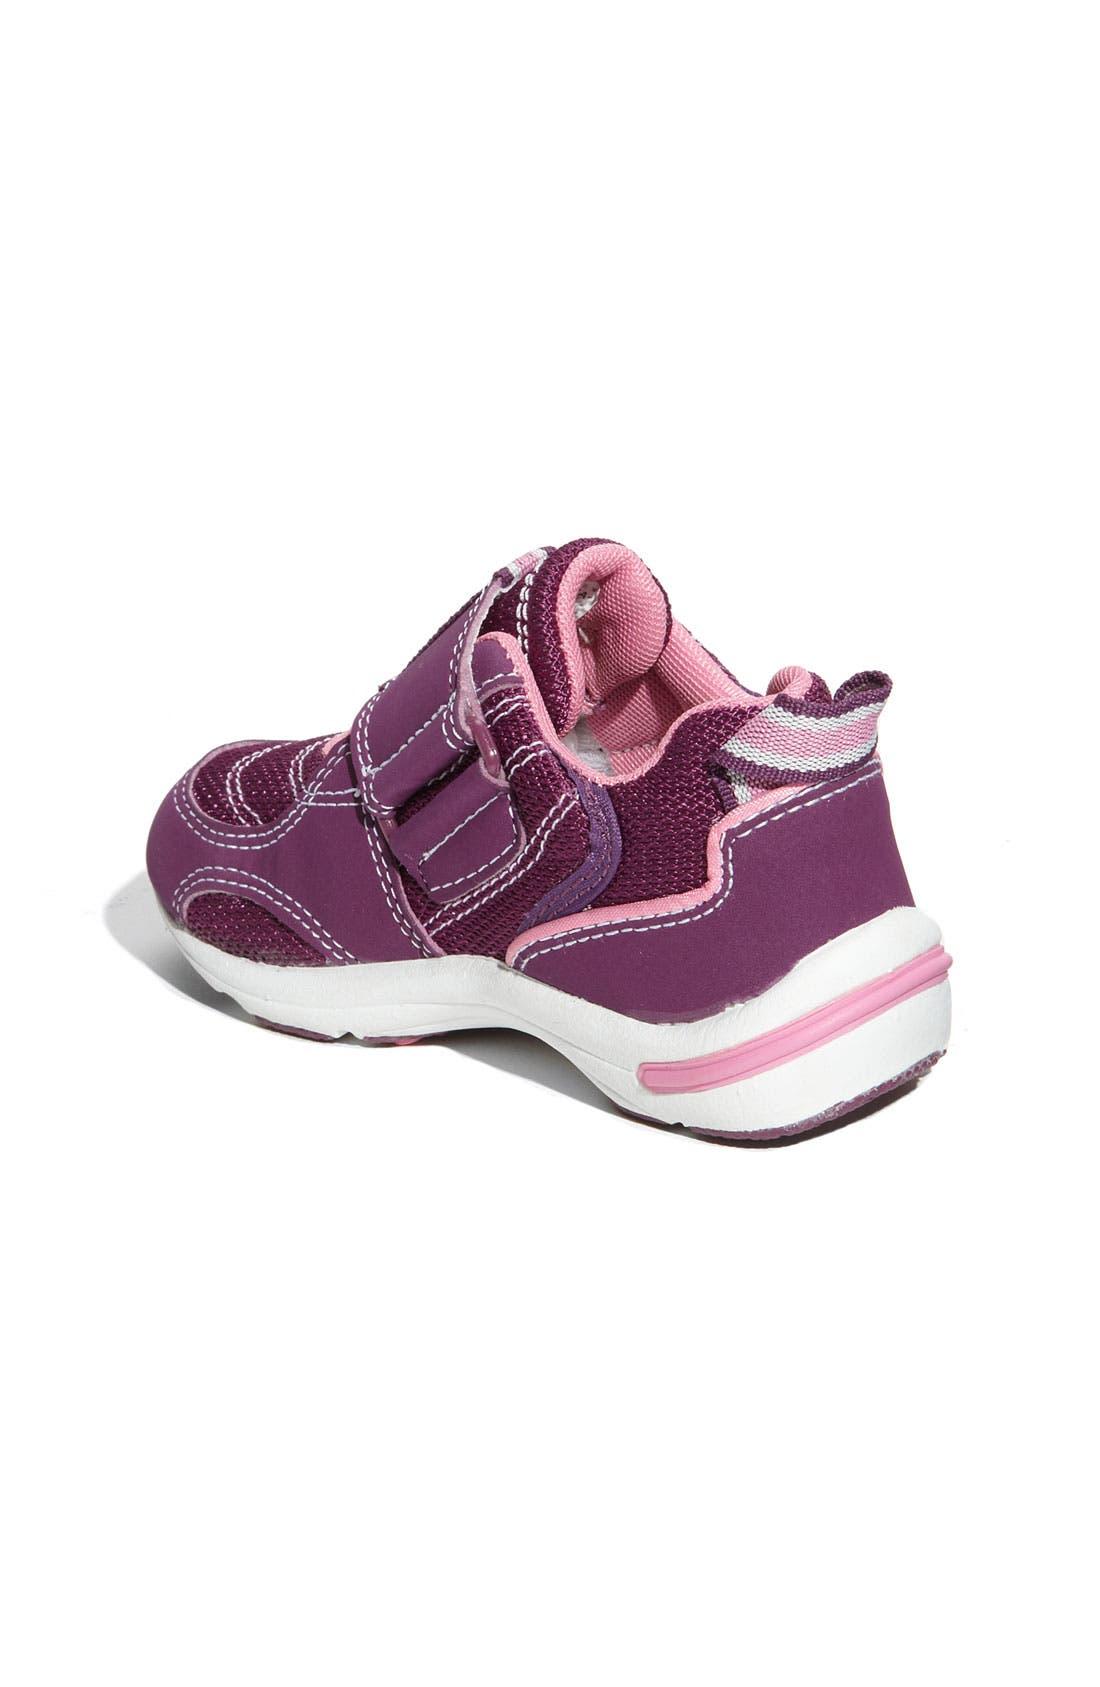 Alternate Image 2  - Tsukihoshi 'Child 1' Sneaker (Toddler & Little Kid)